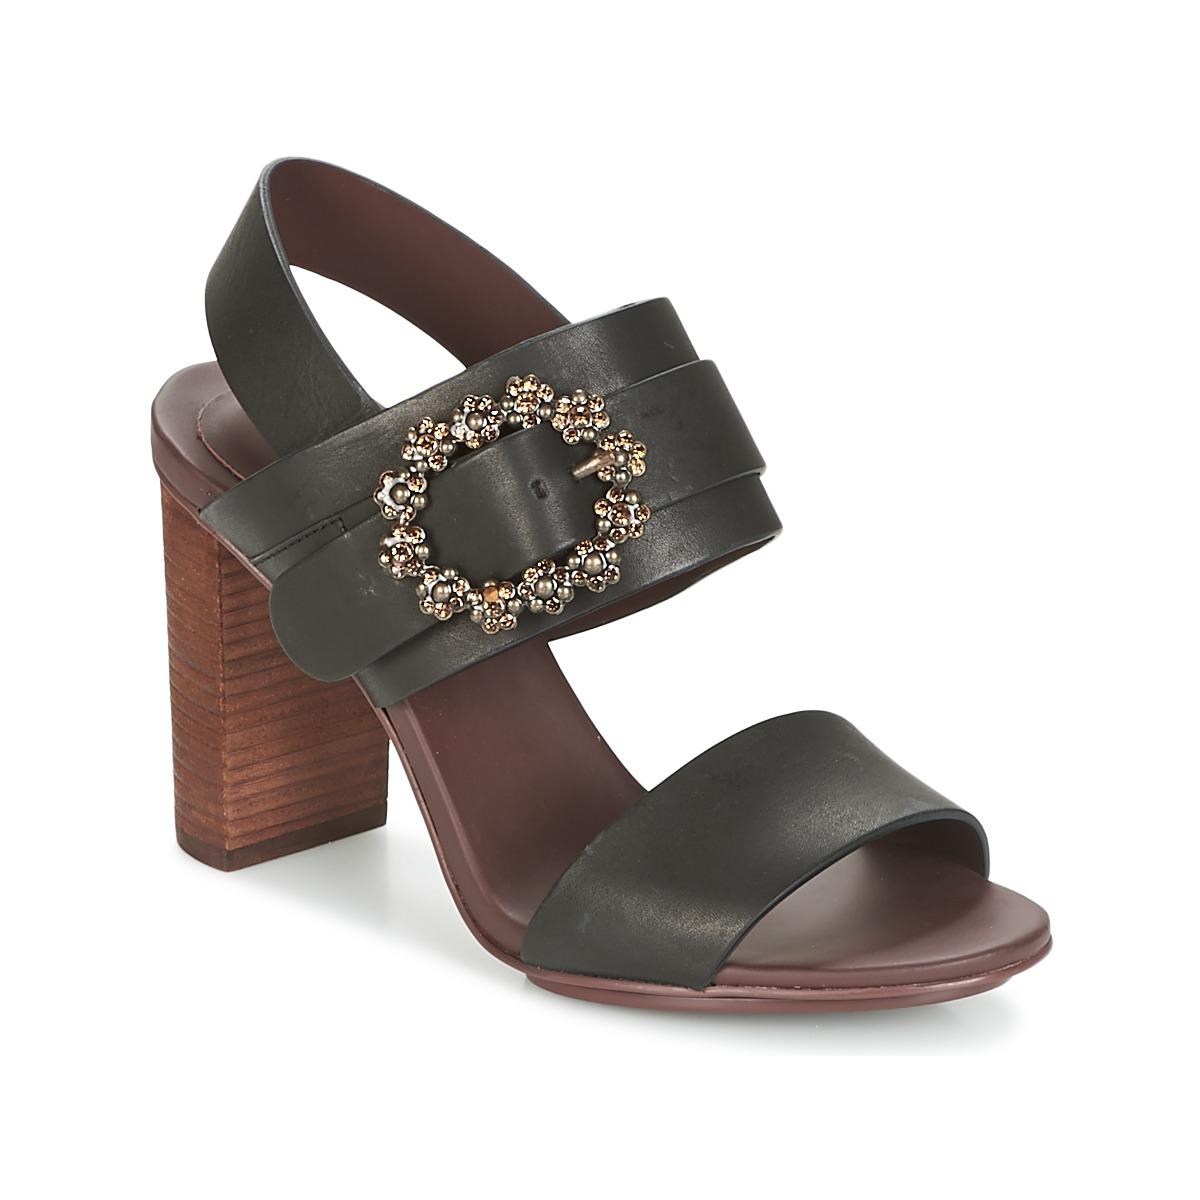 See by Chloé SB30123 Schwarz - Kostenloser Versand bei Spartoode ! - Schuhe Sandalen / Sandaletten Damen 206,50 €